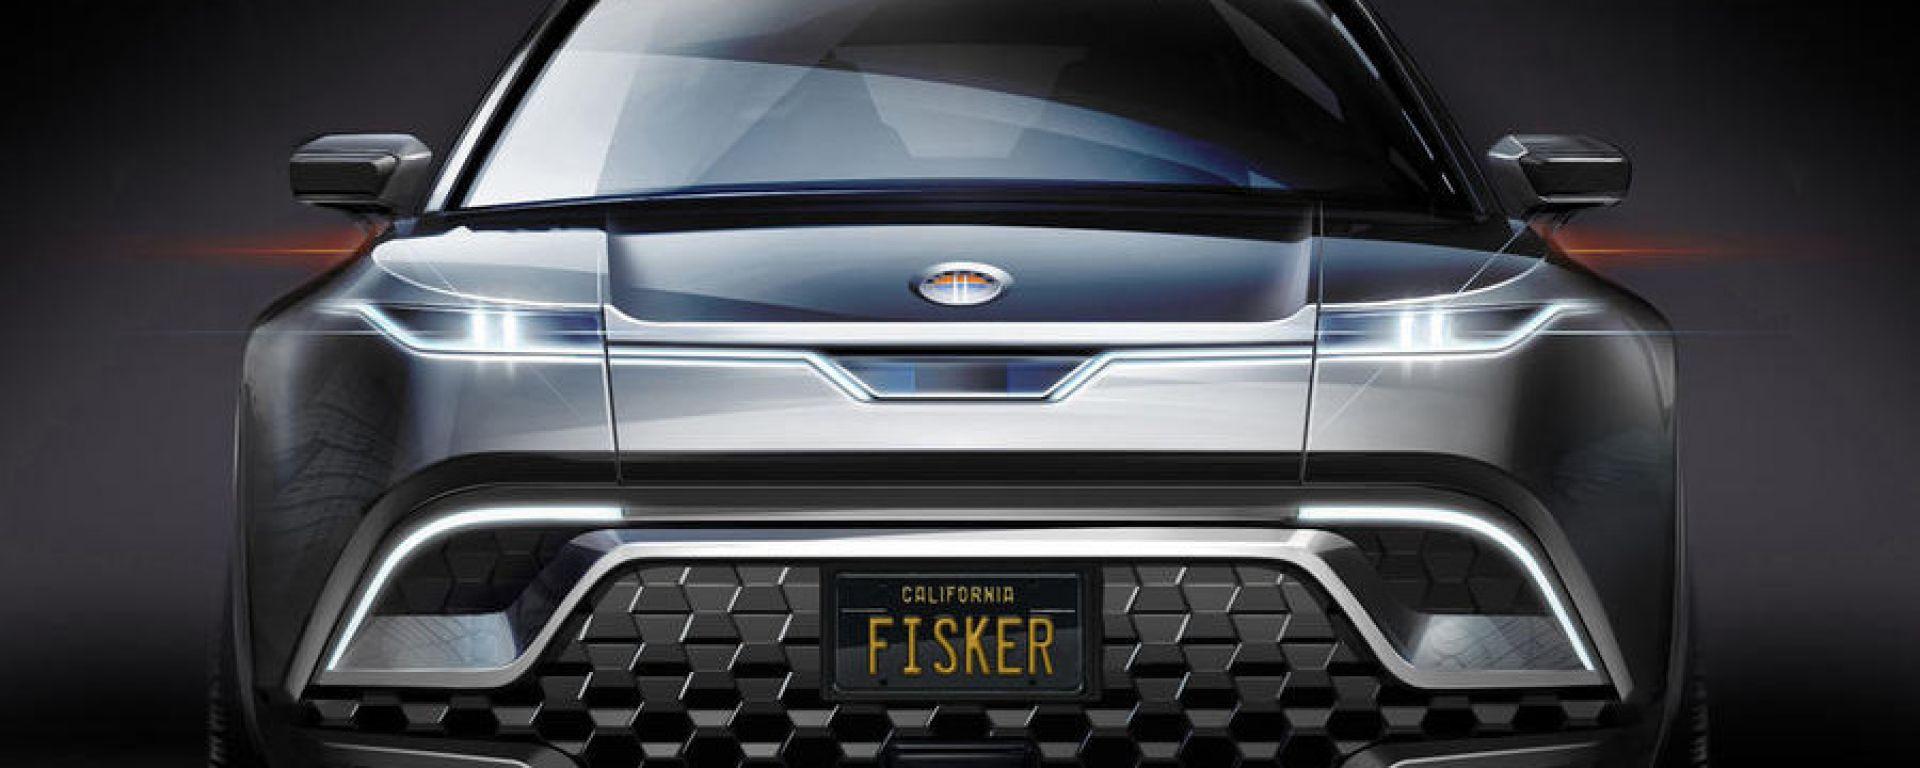 Fisker: dagli USA il Suv elttrico che sfida la Tesla Model Y